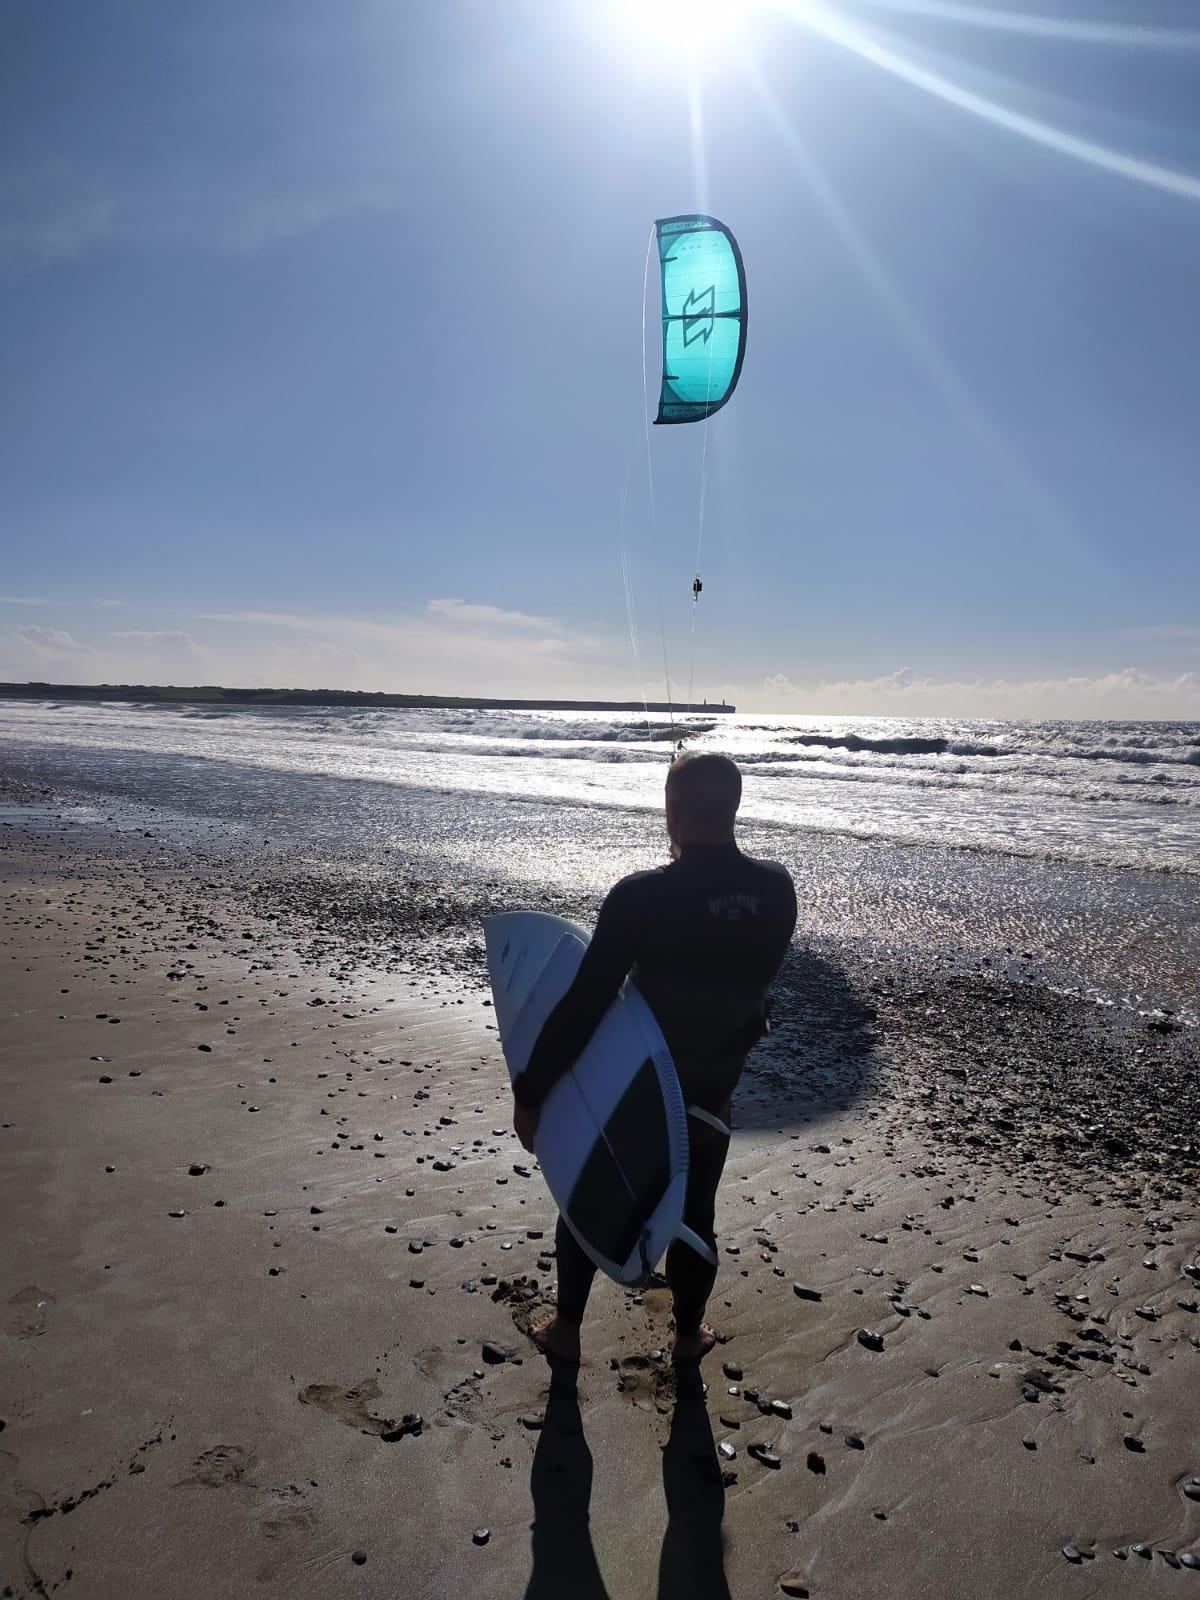 Un hombre caminando en la playa  Descripción generada automáticamente